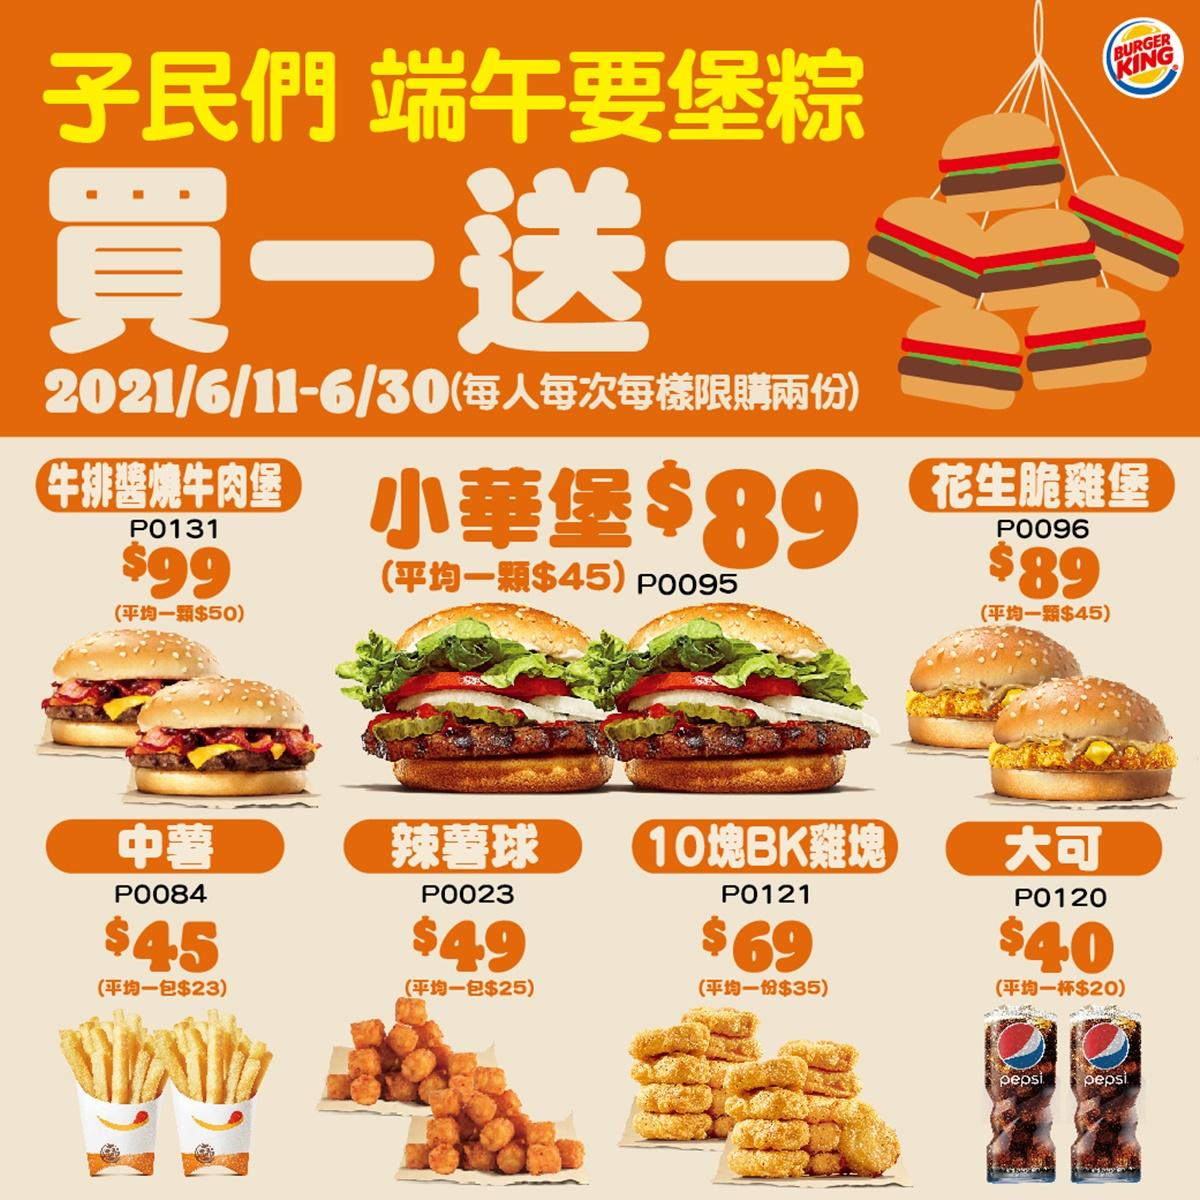 牛排堡現省99元!漢堡王長達20天「買一送一」,還有超級重磅「4層牛肉堡」可吃